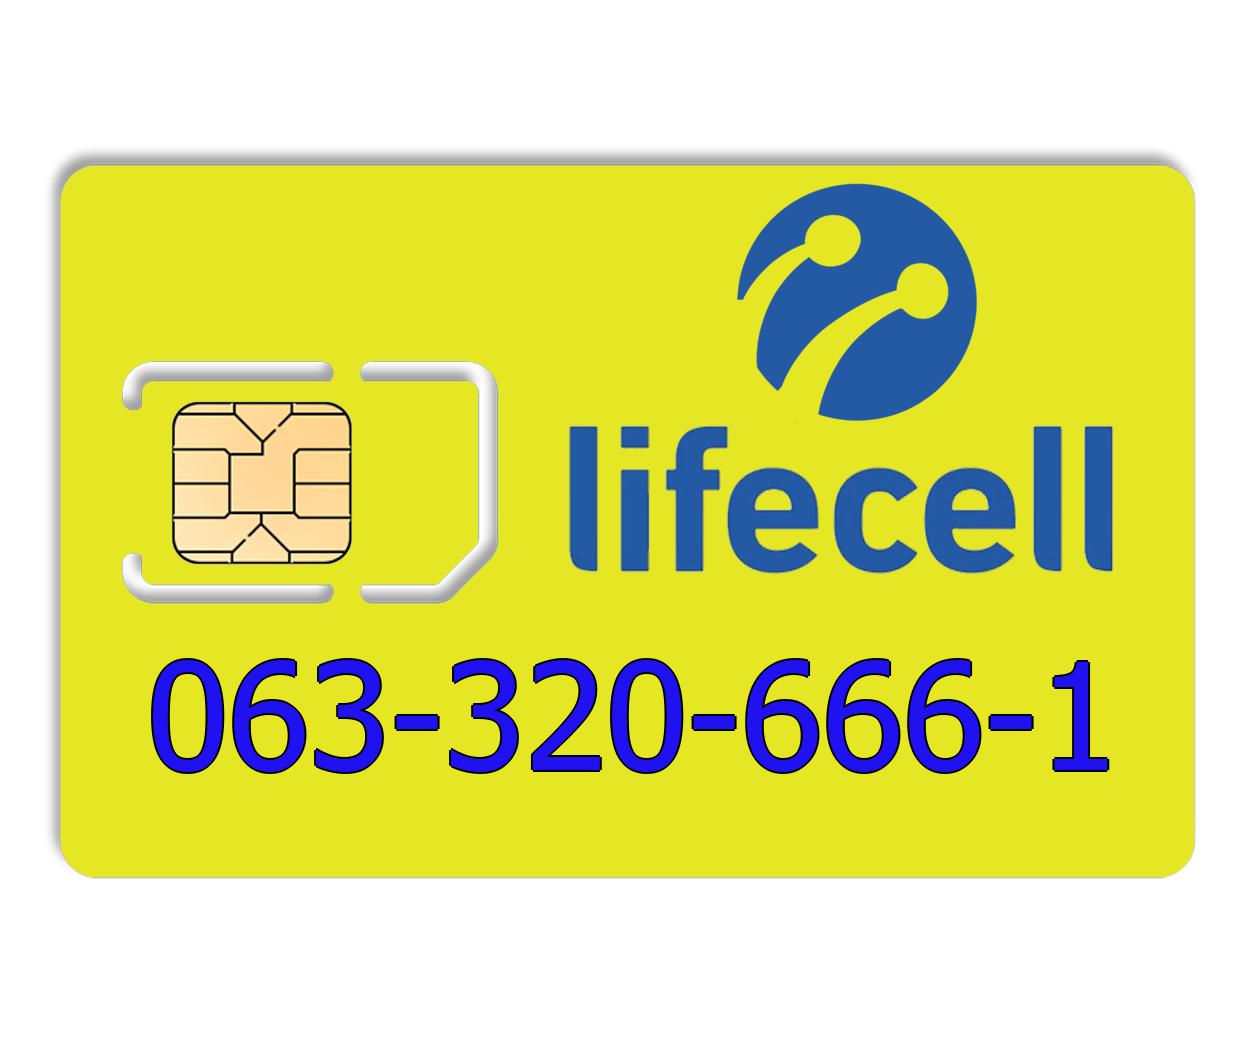 Красивый номер lifecell 063-320-666-1